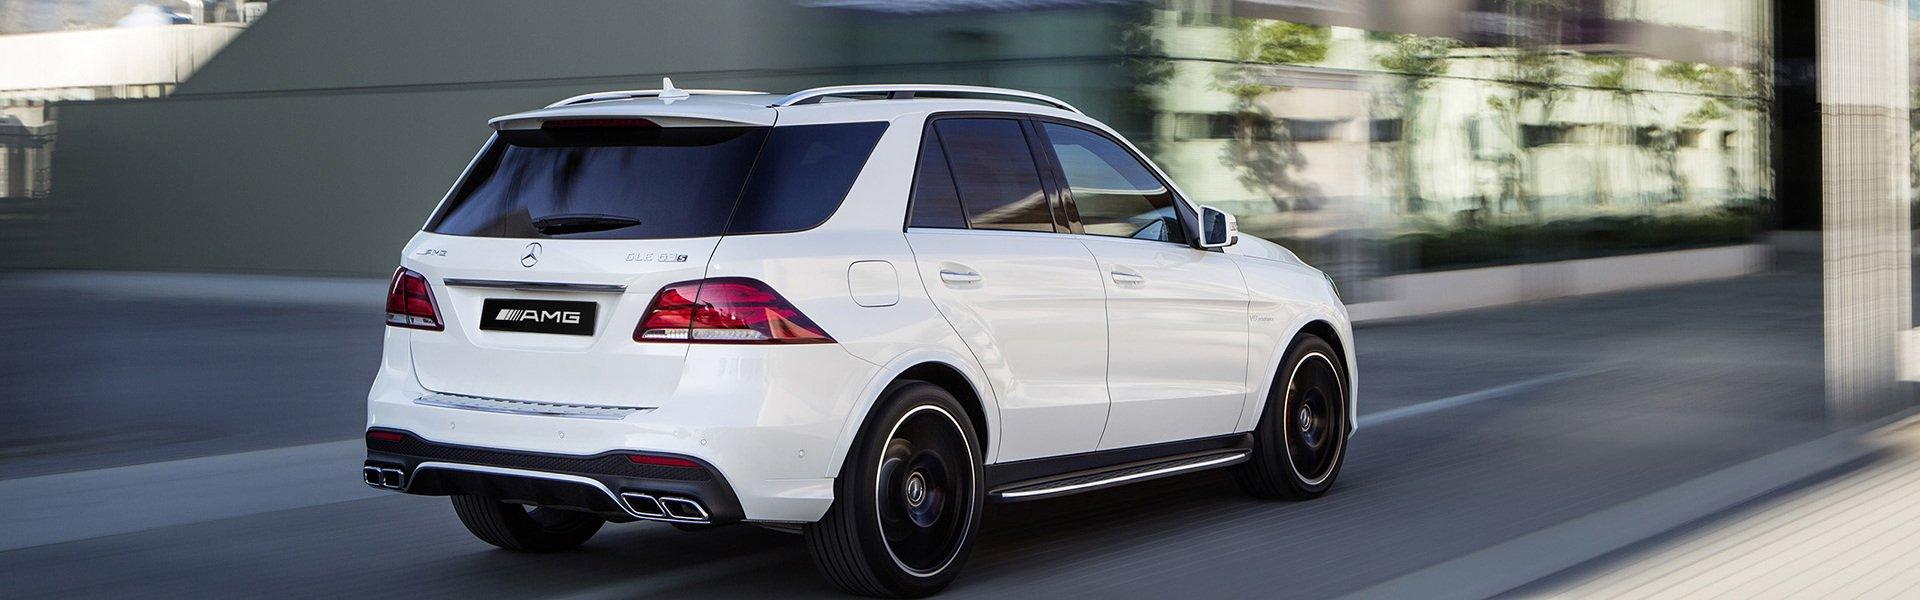 Mercedes-AMG GLE внедорожник